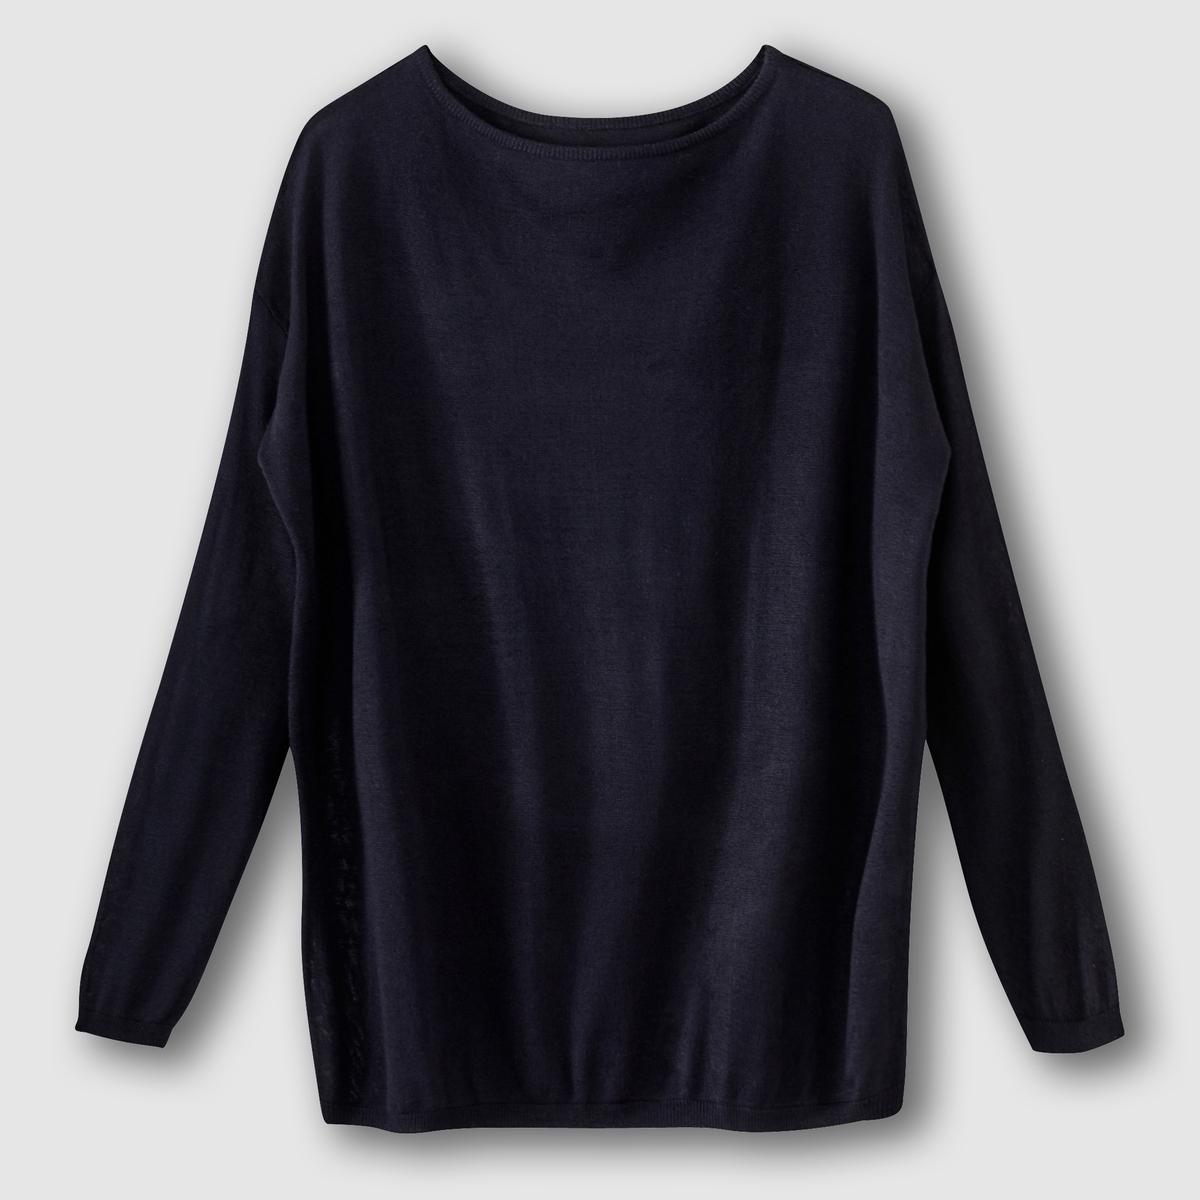 Пуловер свободного покроя из тонкого струящегося трикотажаСостав и описание :Материал : 100% акрилДлина : 64 смМарка : R EditionУход :Машинная стирка при 30 °С с вещами схожих цветов.<br><br>Цвет: синий морской